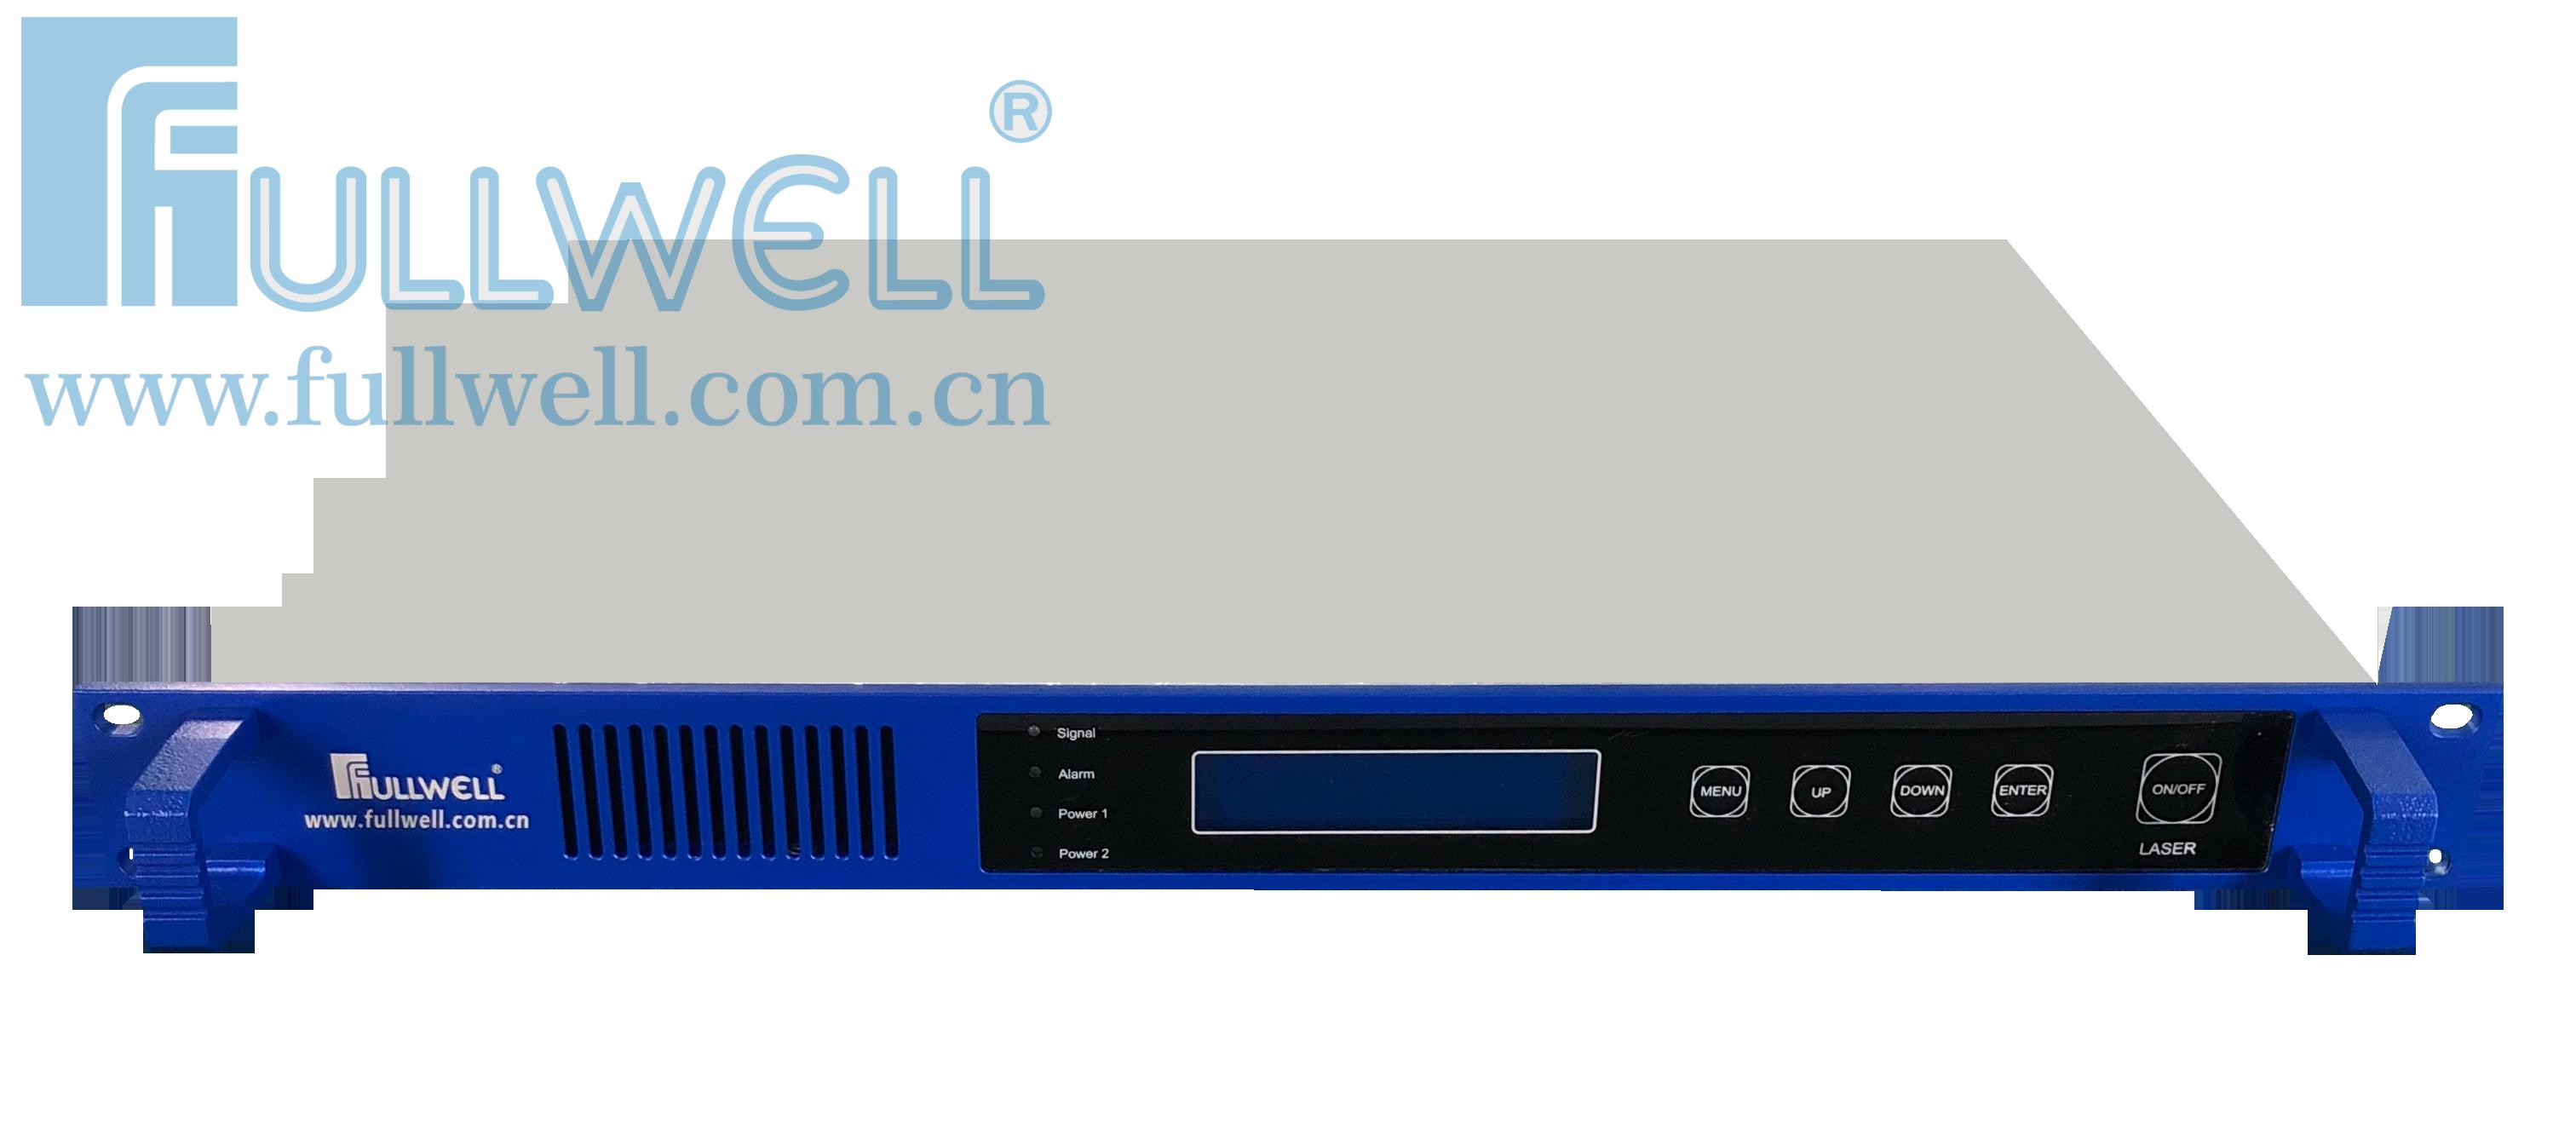 FWSW-2X1 optical switch